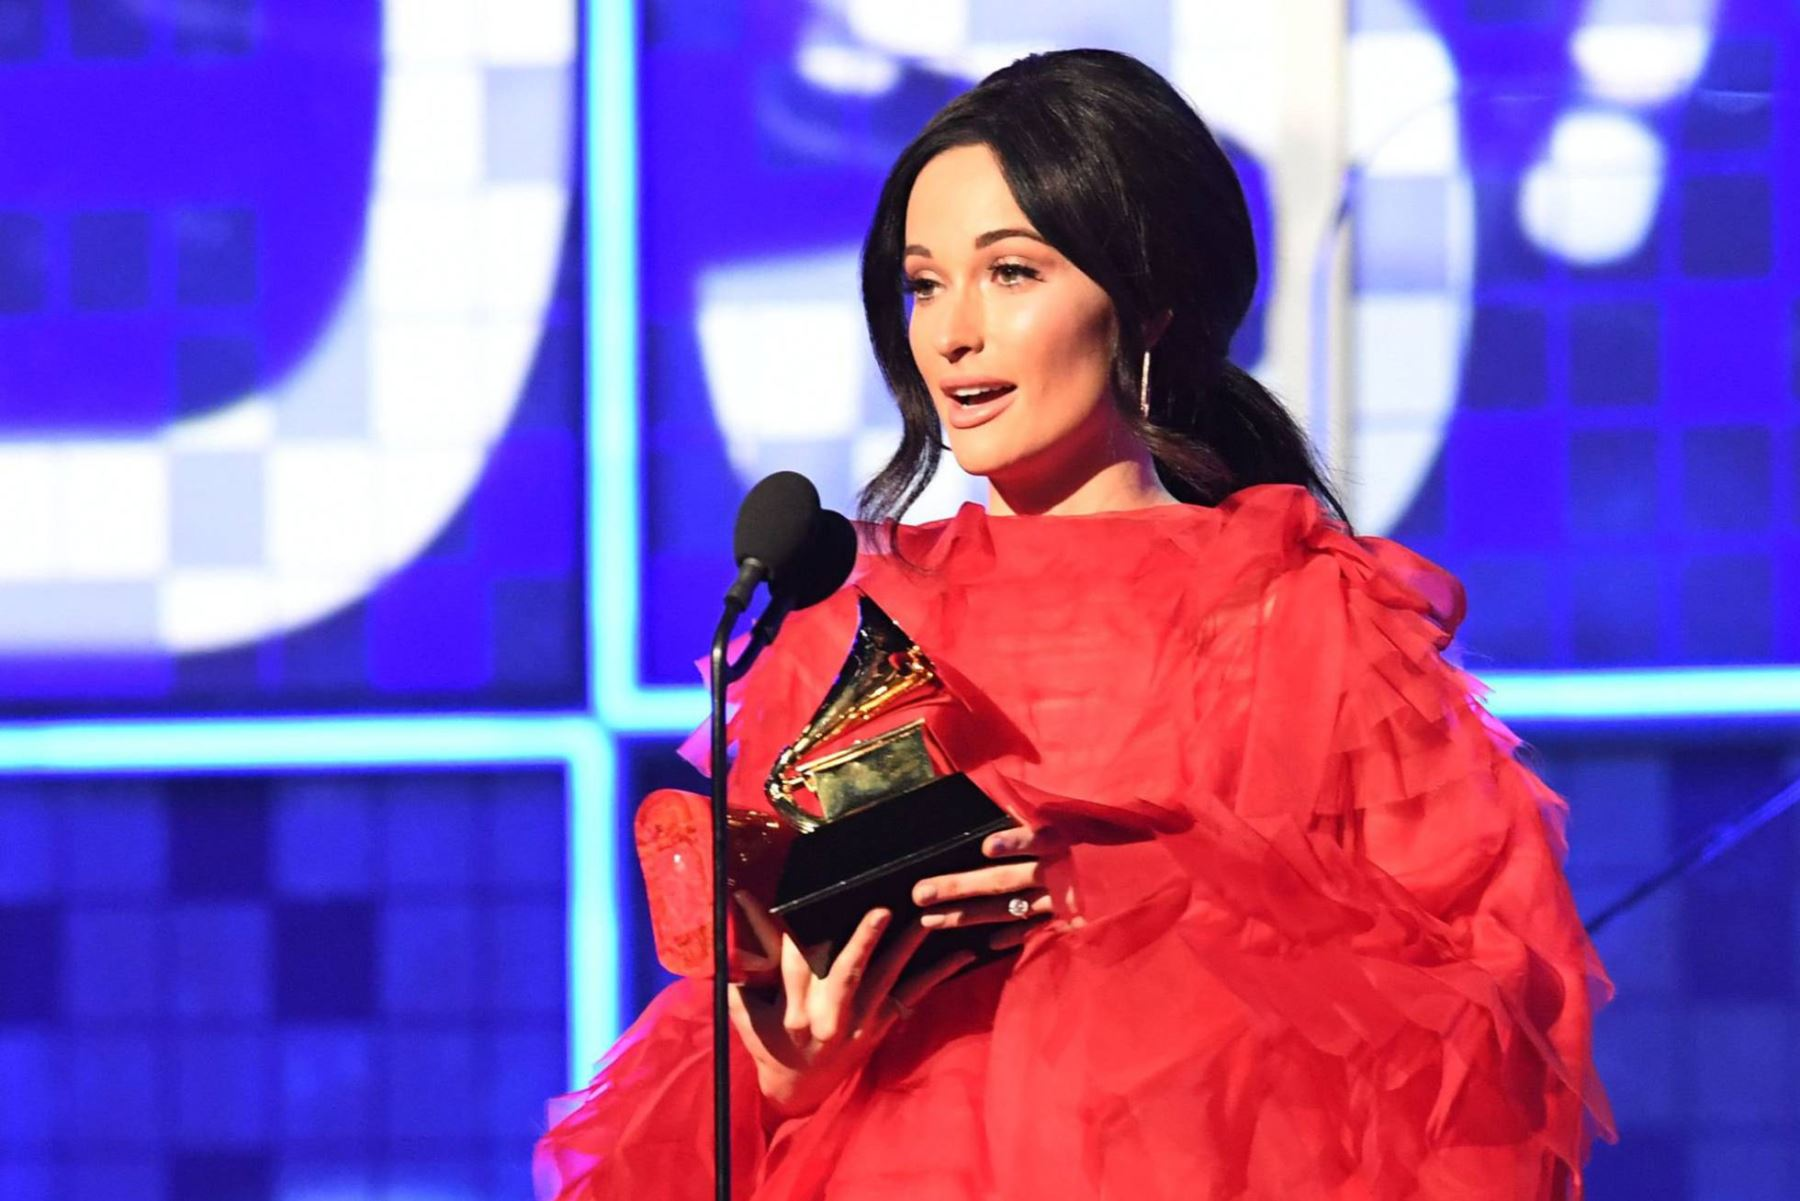 La cantante tejana Kacey Musgraves con el Grammy al Álbum del Año.